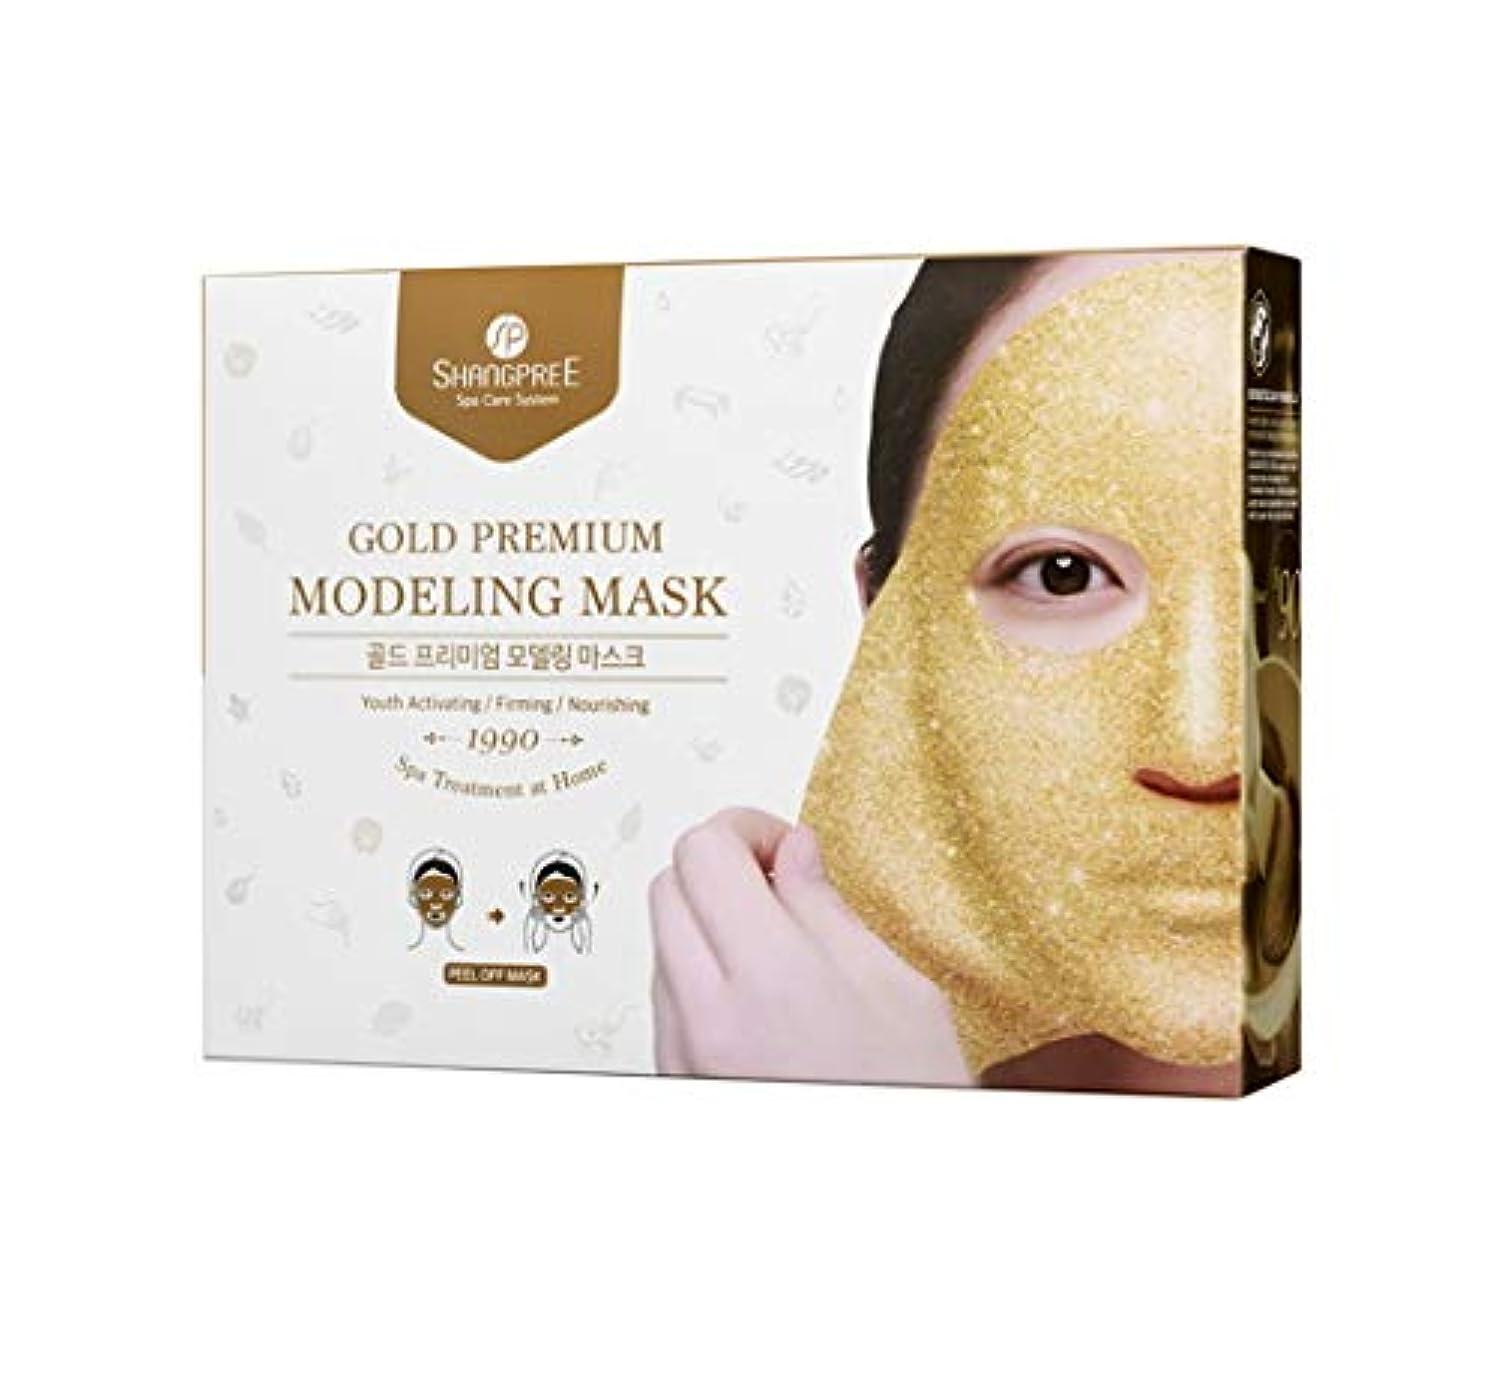 影ブラシアメリカShangpree プレミアムゴールドモデリングマスク 5枚 gold premium modeling mask 5ea (並行輸入品)